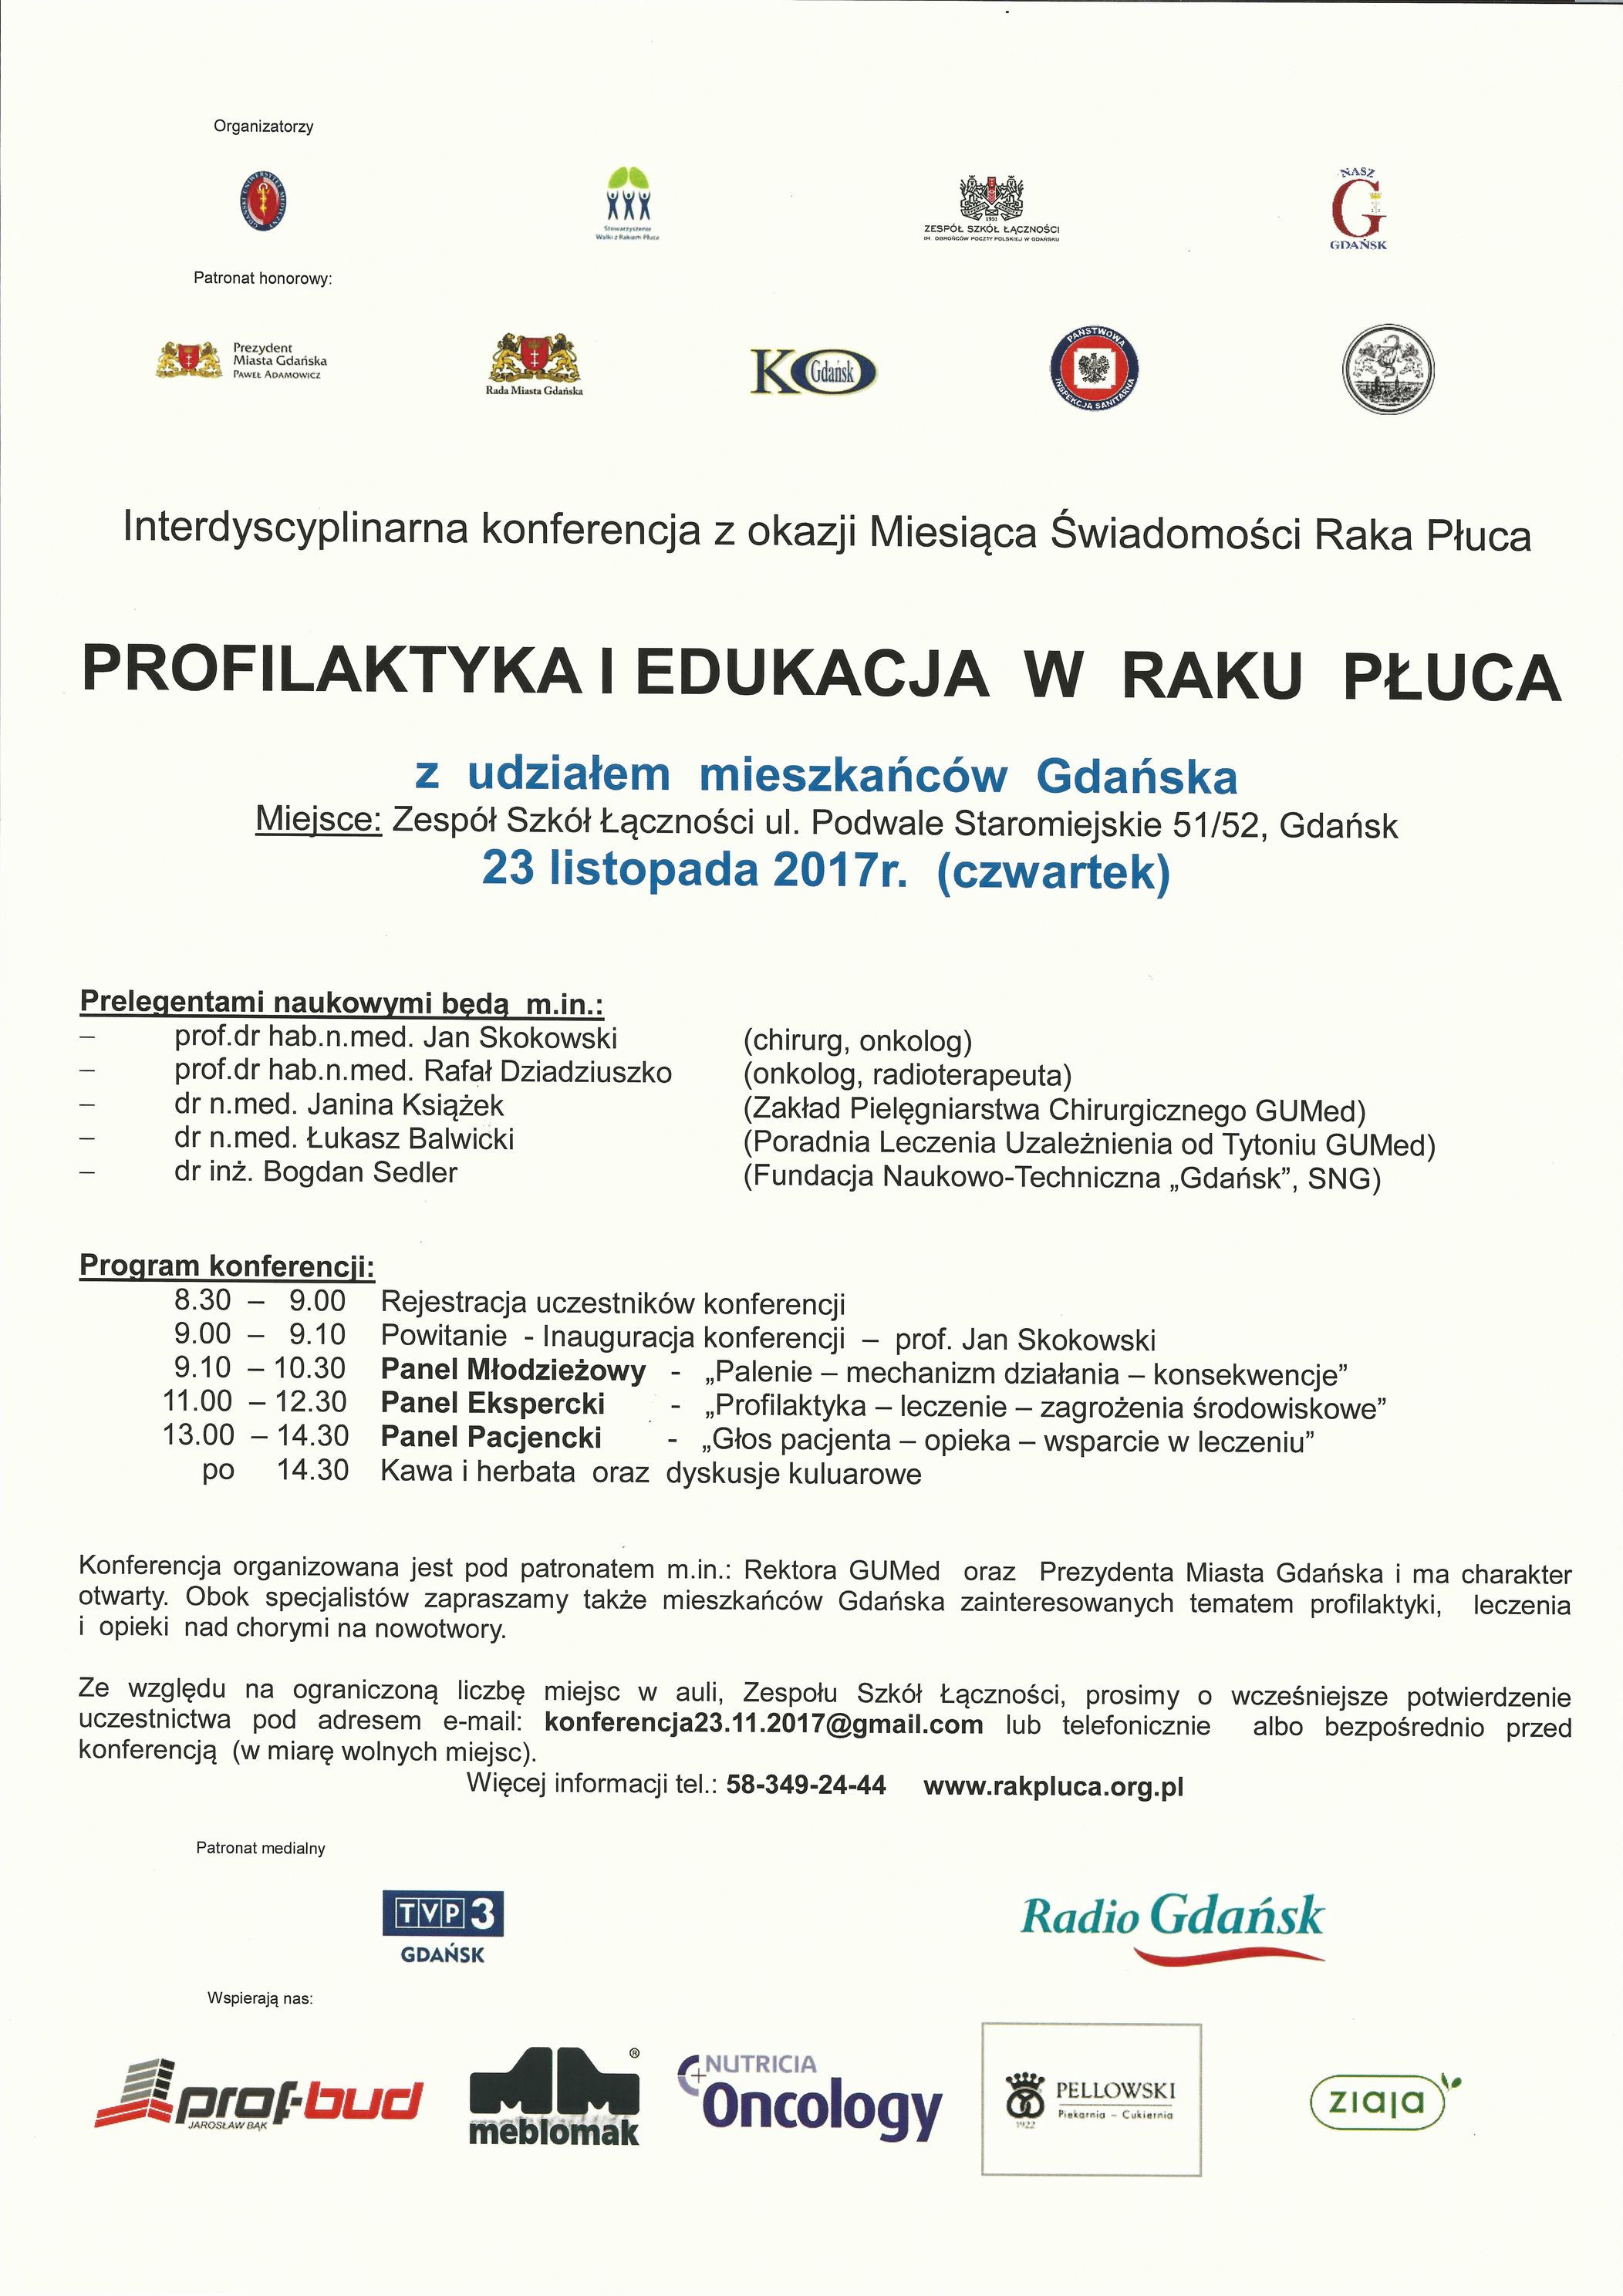 Konferencja_Profilaktyka i edukacja w raku płuca sm